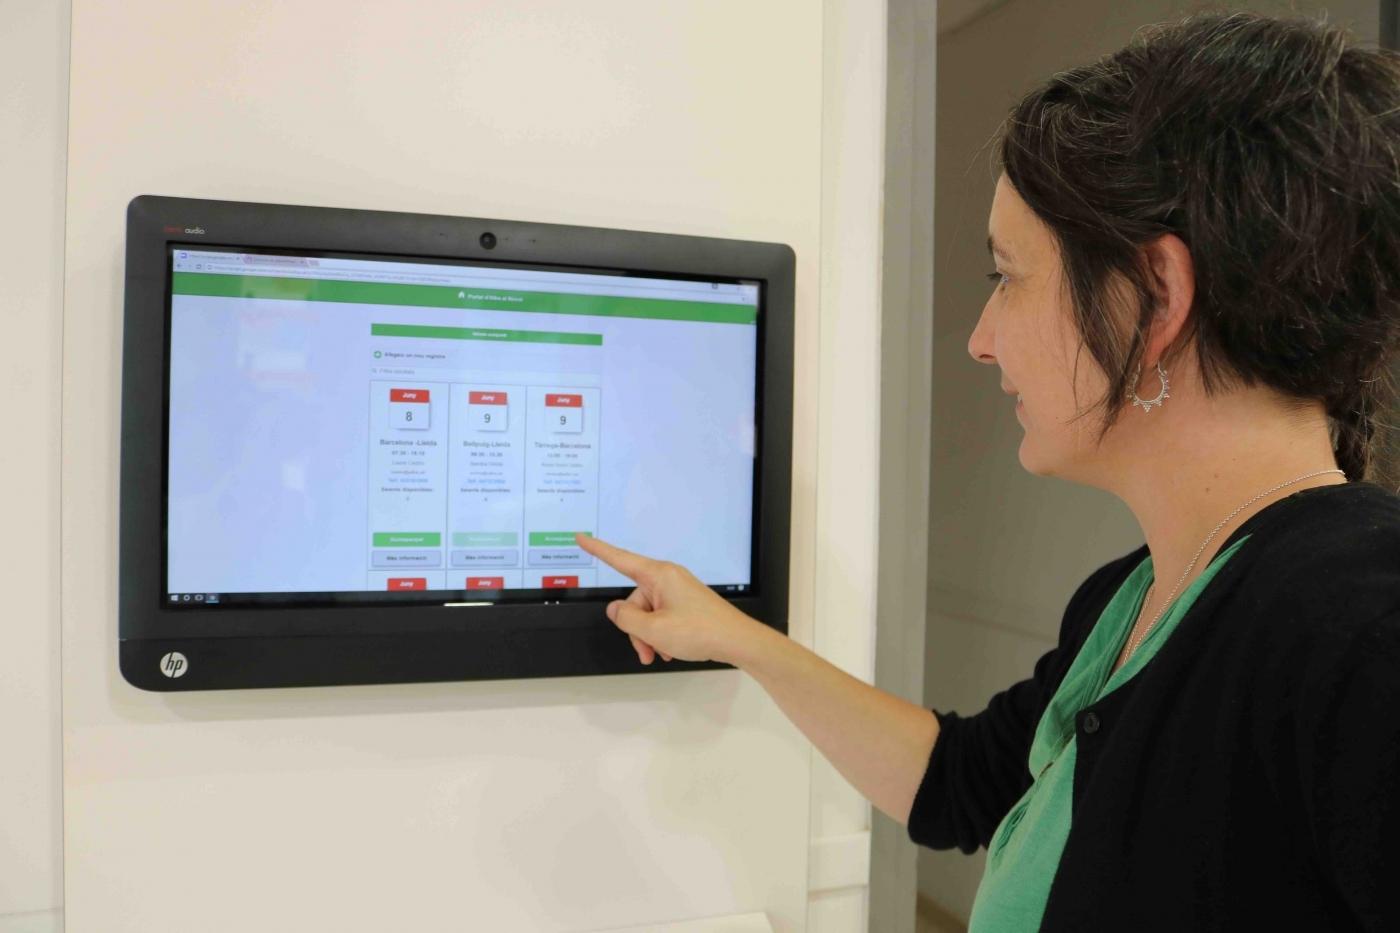 La Asociación Alba impulsa un aplicativo web para compartir coche entre sus trabajadores como acción de sostenibilidad ambiental